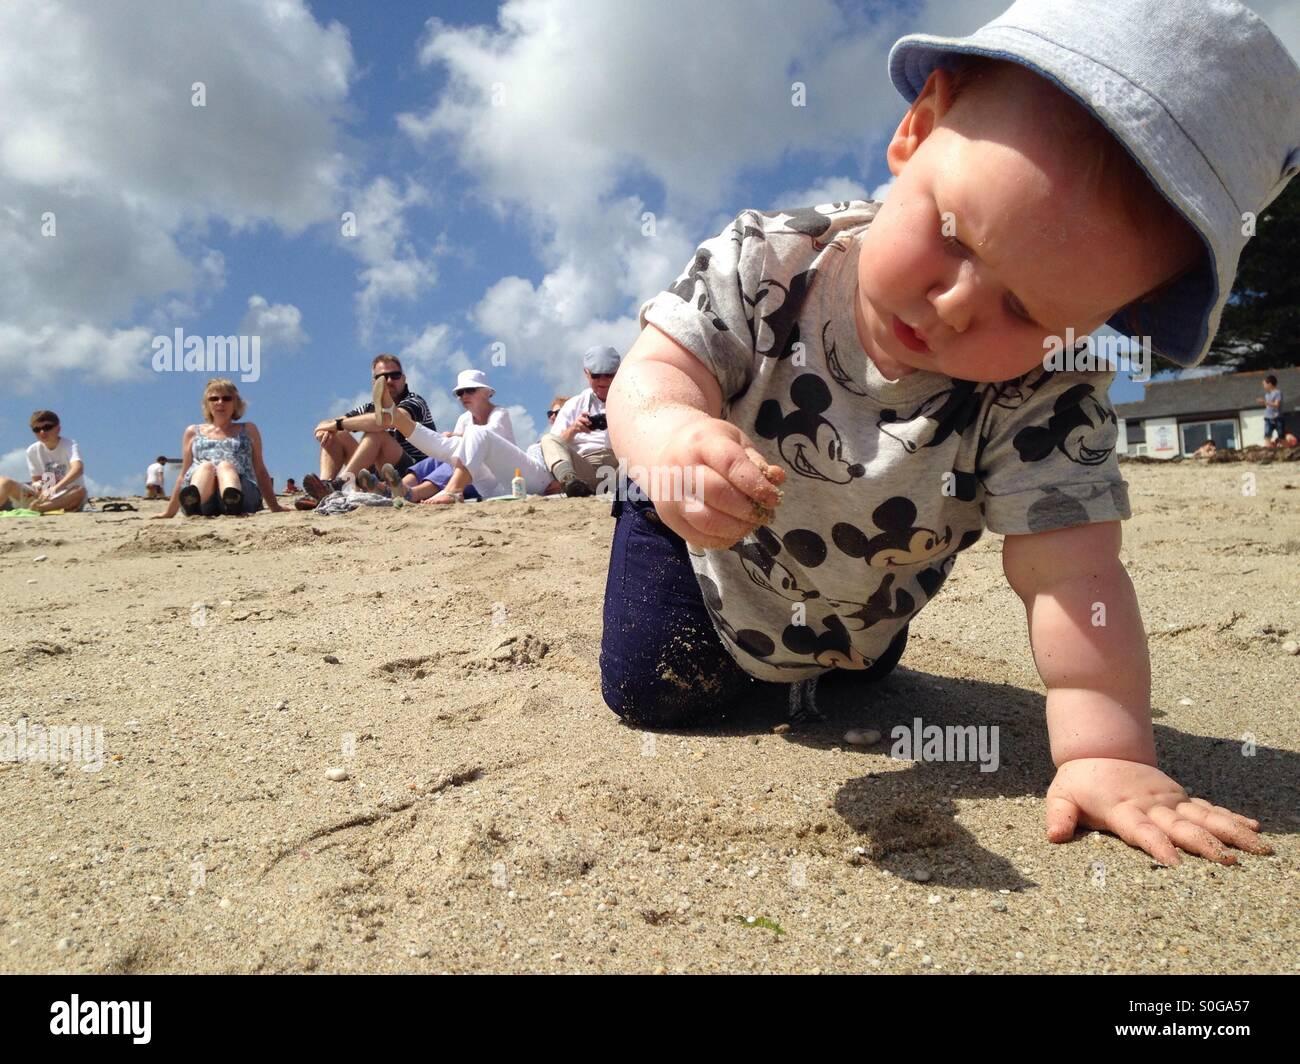 L'étude de sable avec l'observation de la famille Photo Stock